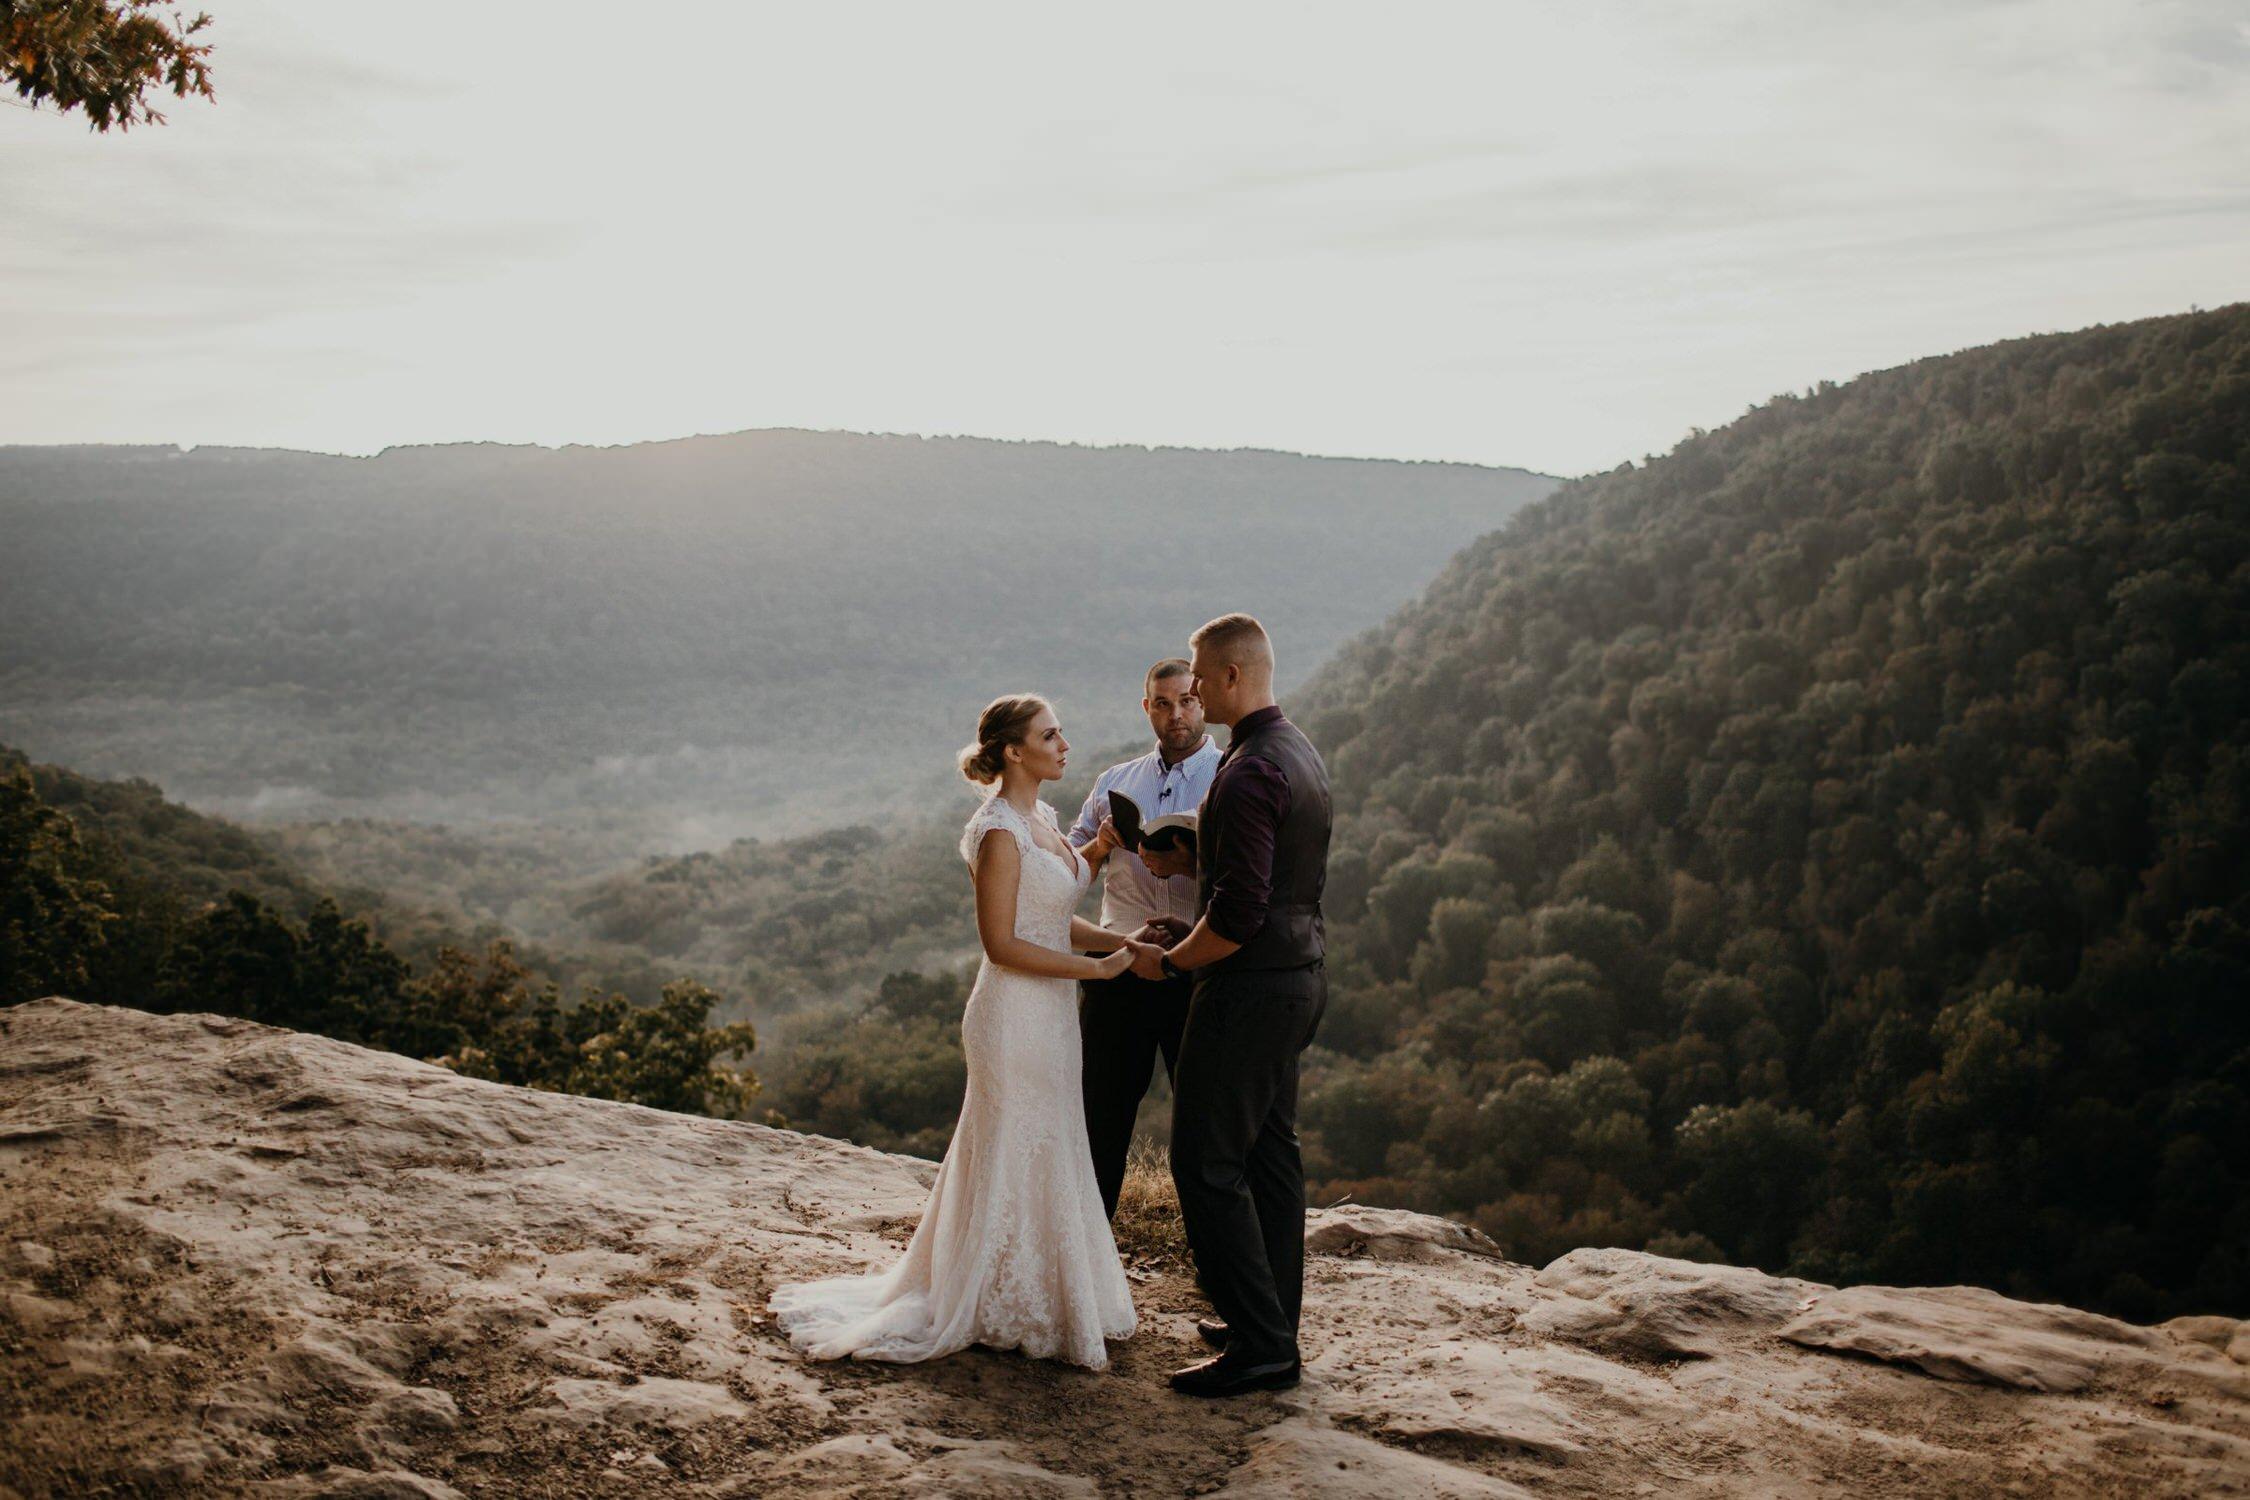 hawksbill crag elopement